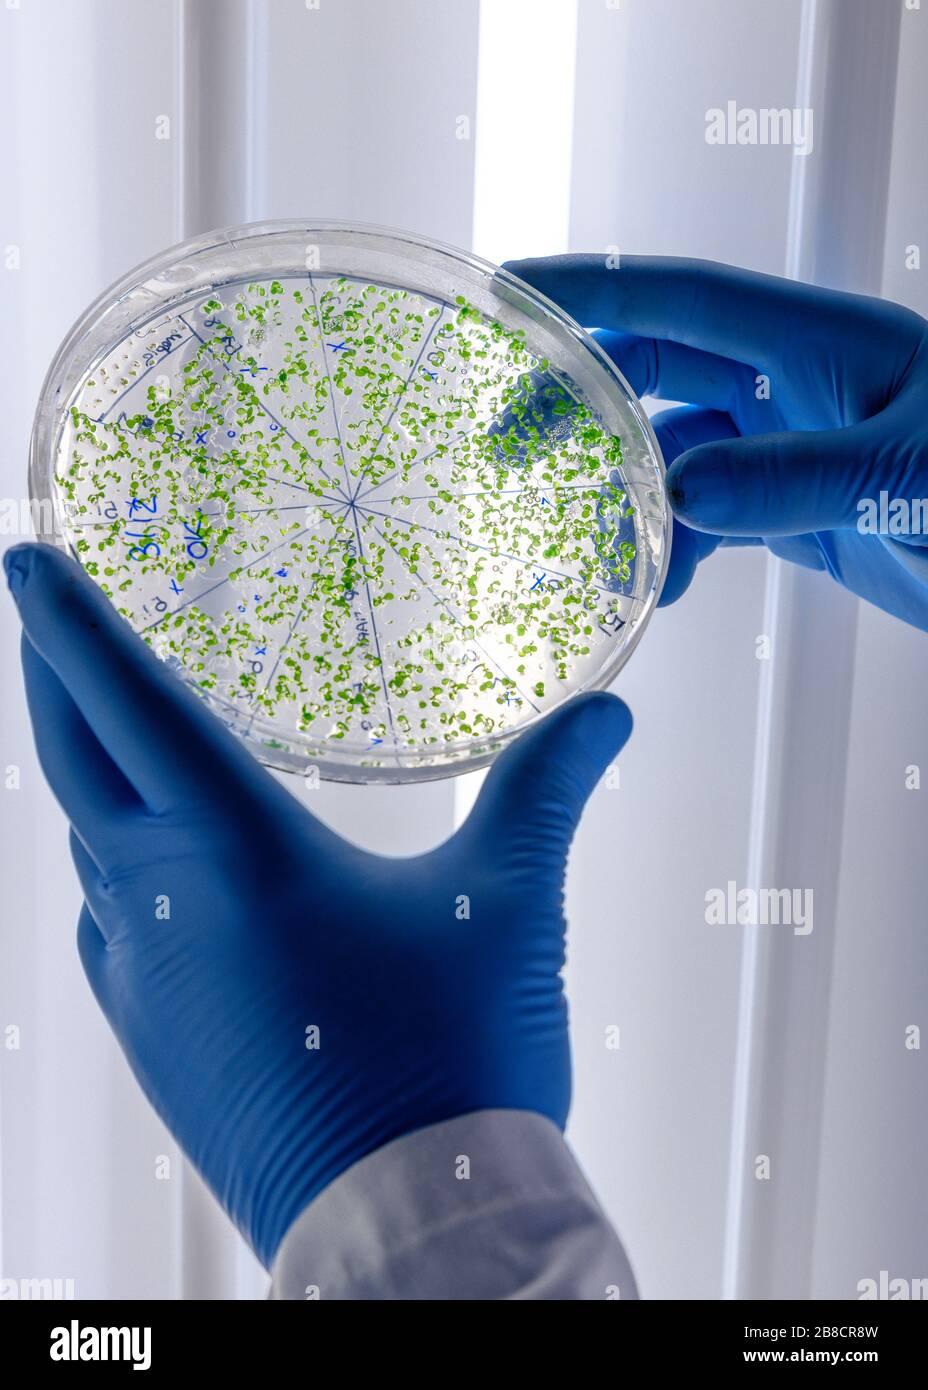 Cultivos de manipulación científica en placas de Petri en refrigeradores de laboratorio de biociencia. Concepto de ciencia, laboratorio y estudio de enfermedades. Coronavirus Foto de stock